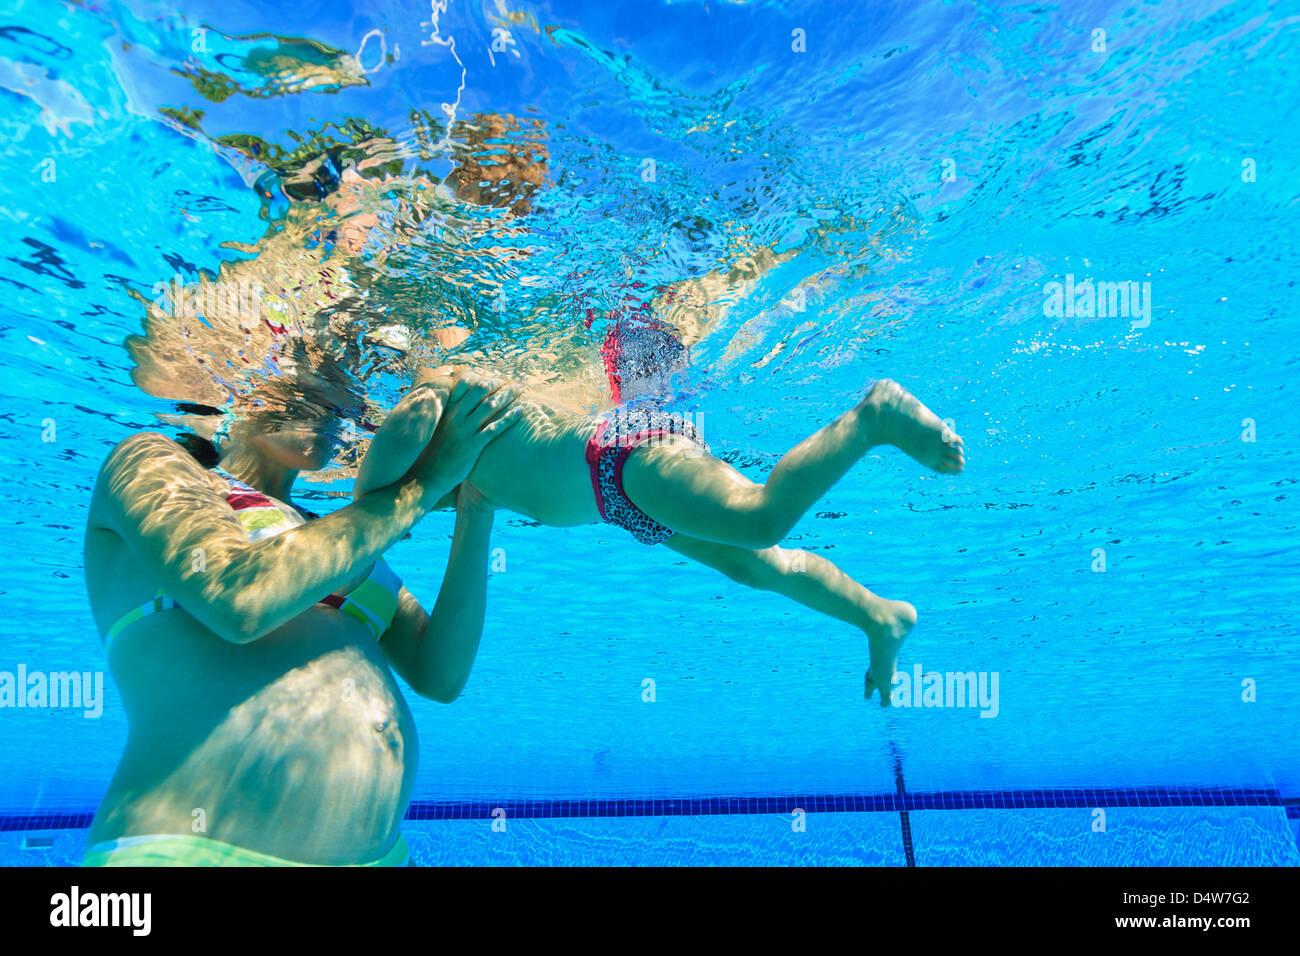 Madre embarazada con un niño pequeño en la piscina Imagen De Stock